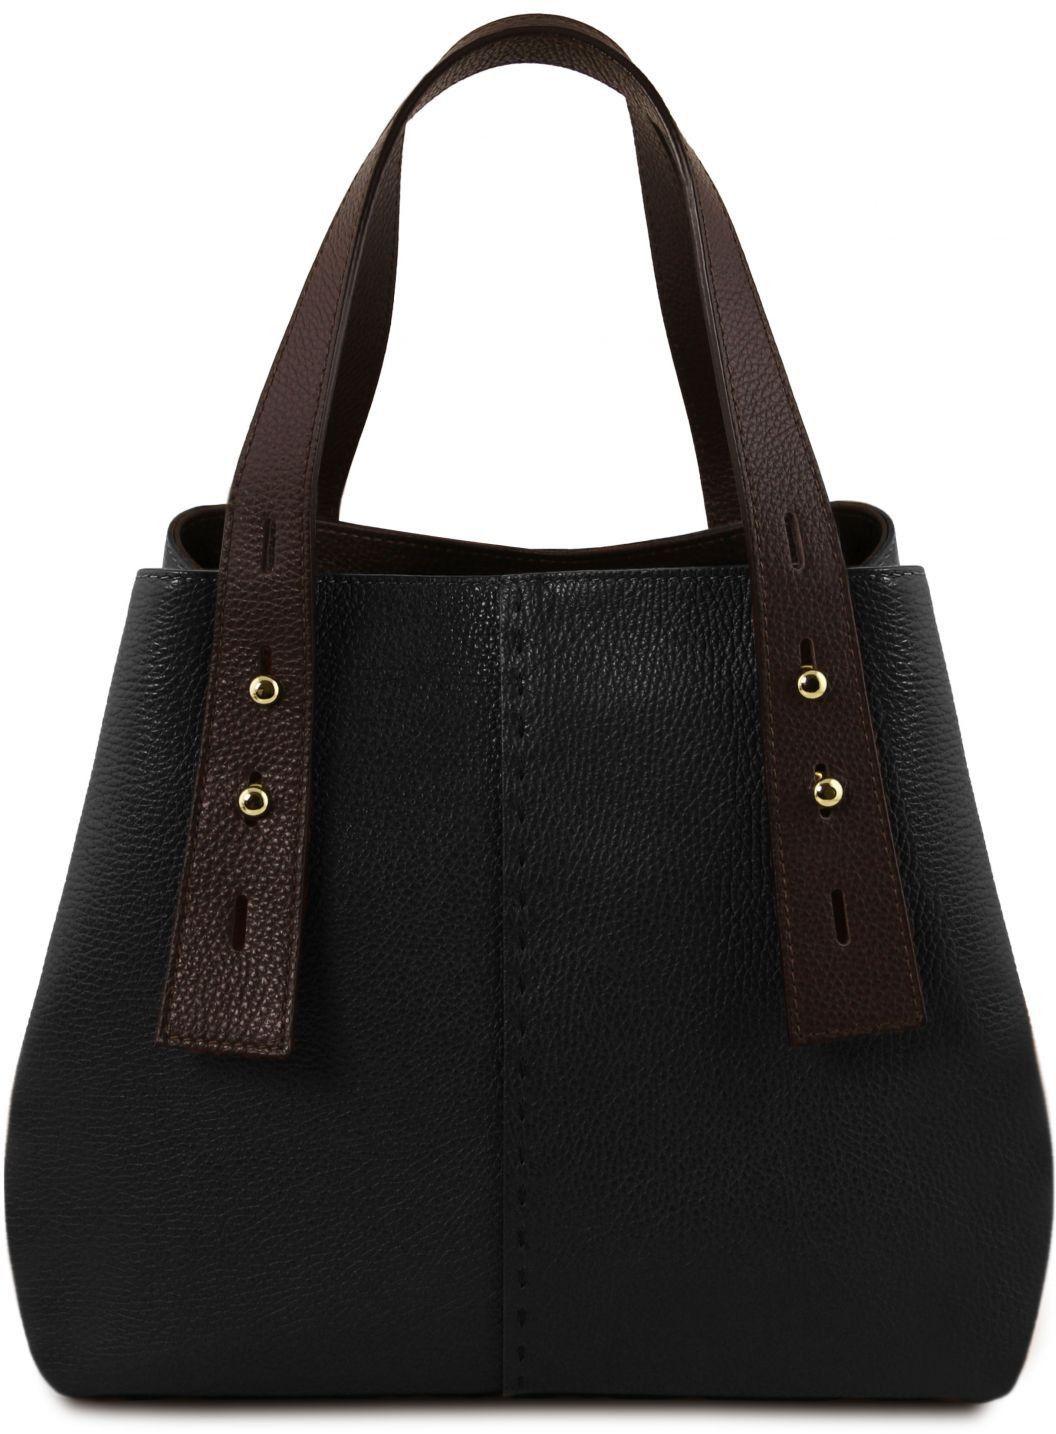 Γυναικεία Τσάντα Δερμάτινη TL Bag TL141730 Μαύρο Tuscany Leather γυναίκα   τσάντες ώμου   χειρός